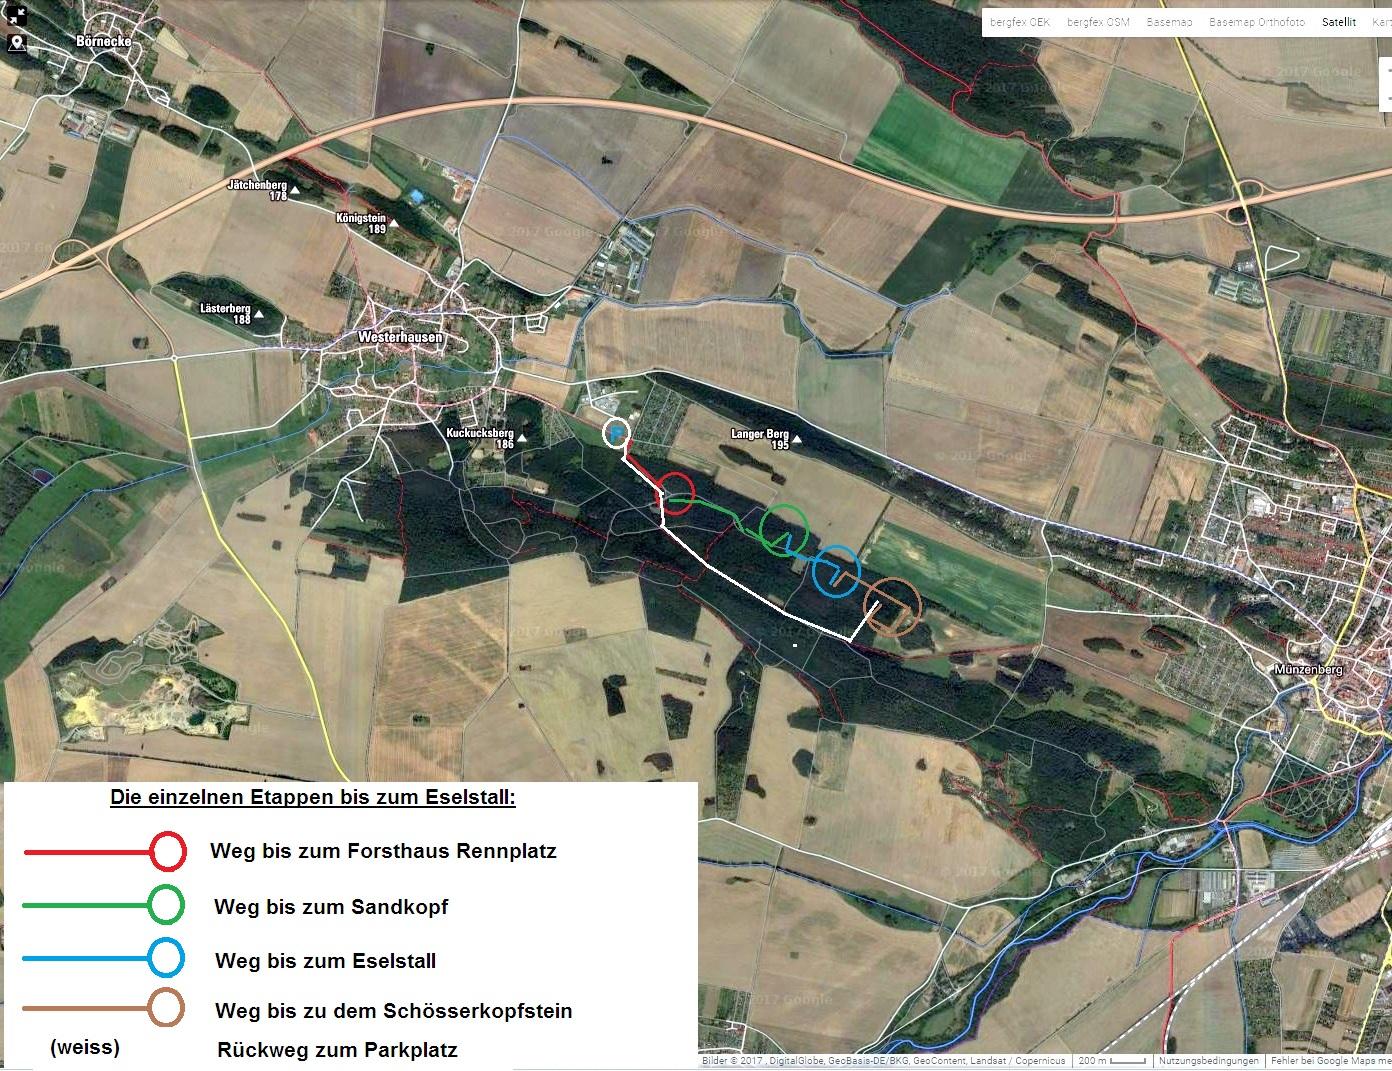 ein Luftbildaufnahme (Google)